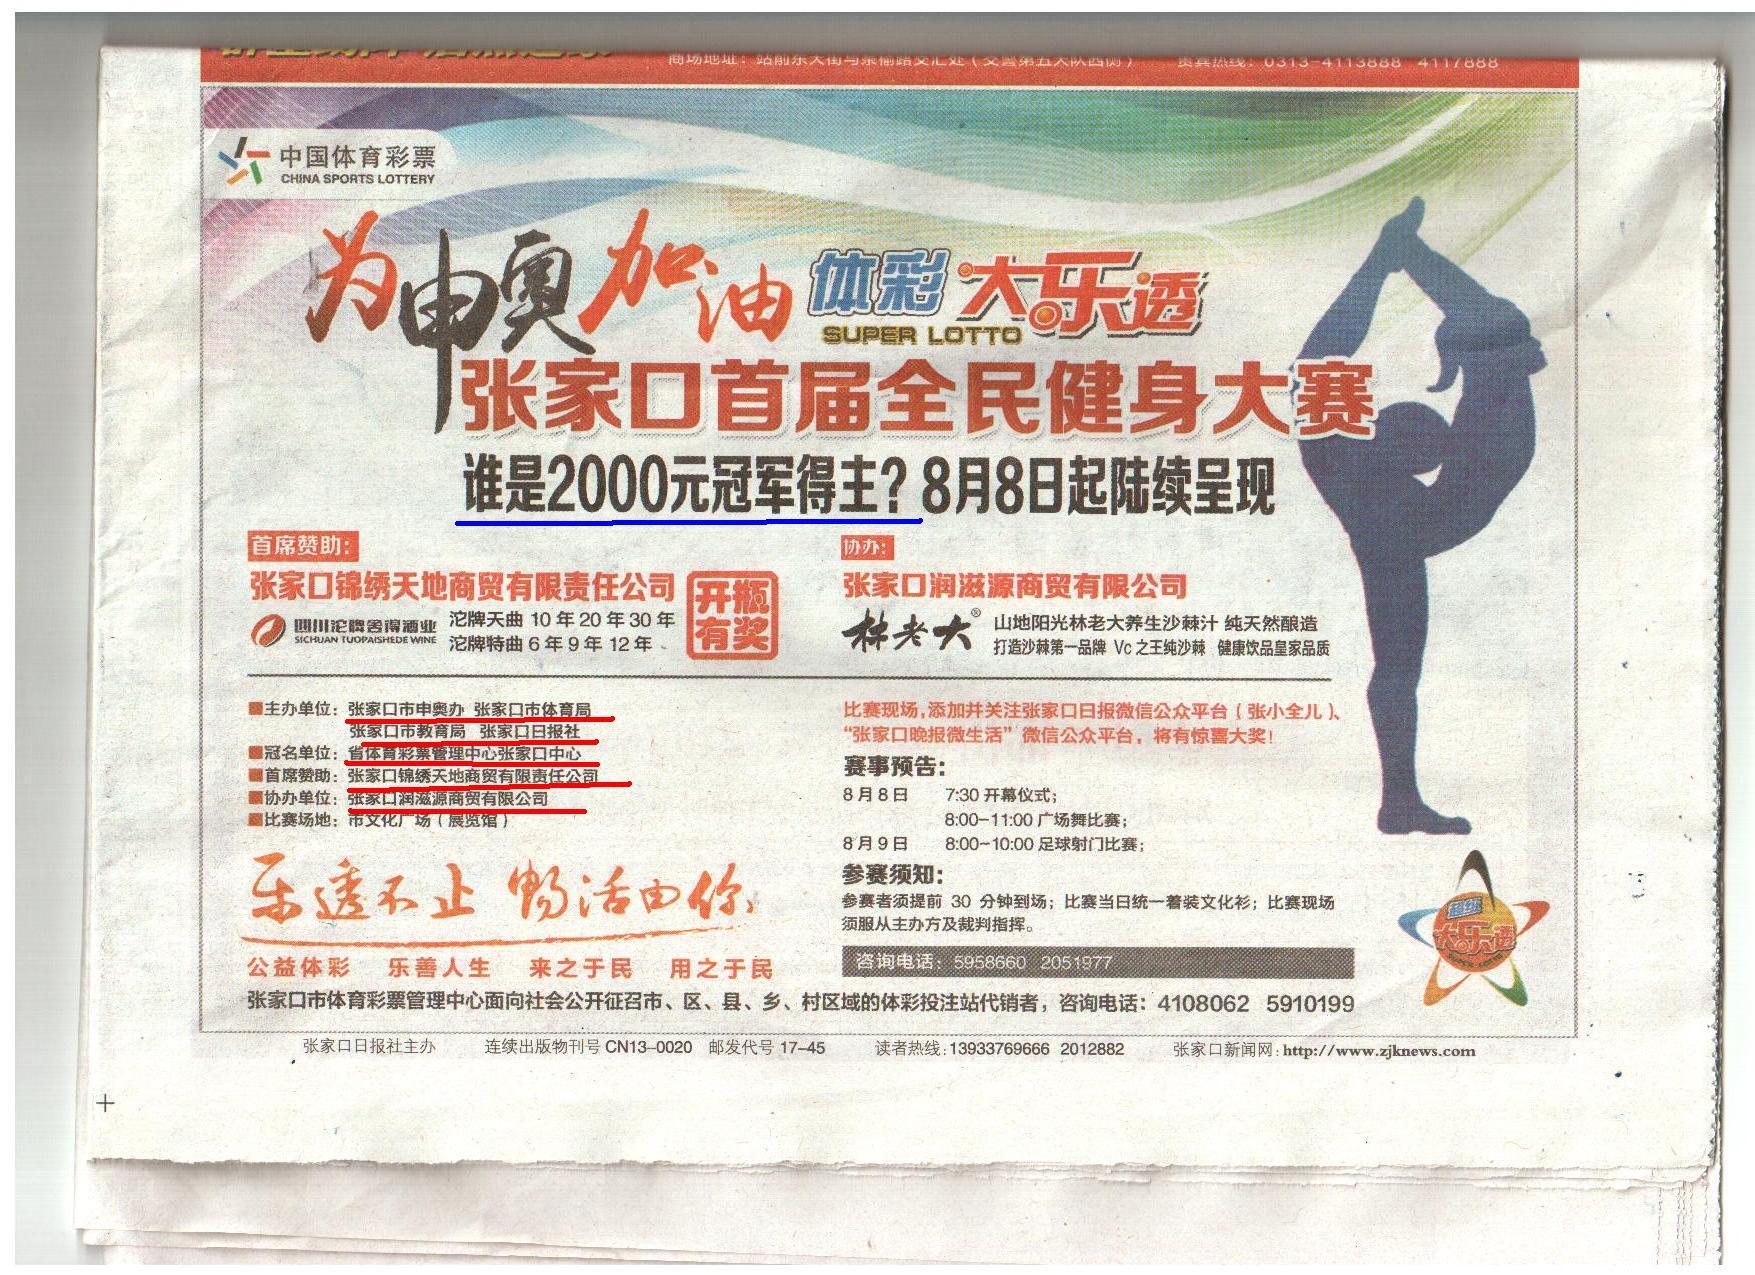 十元店广告图片素材